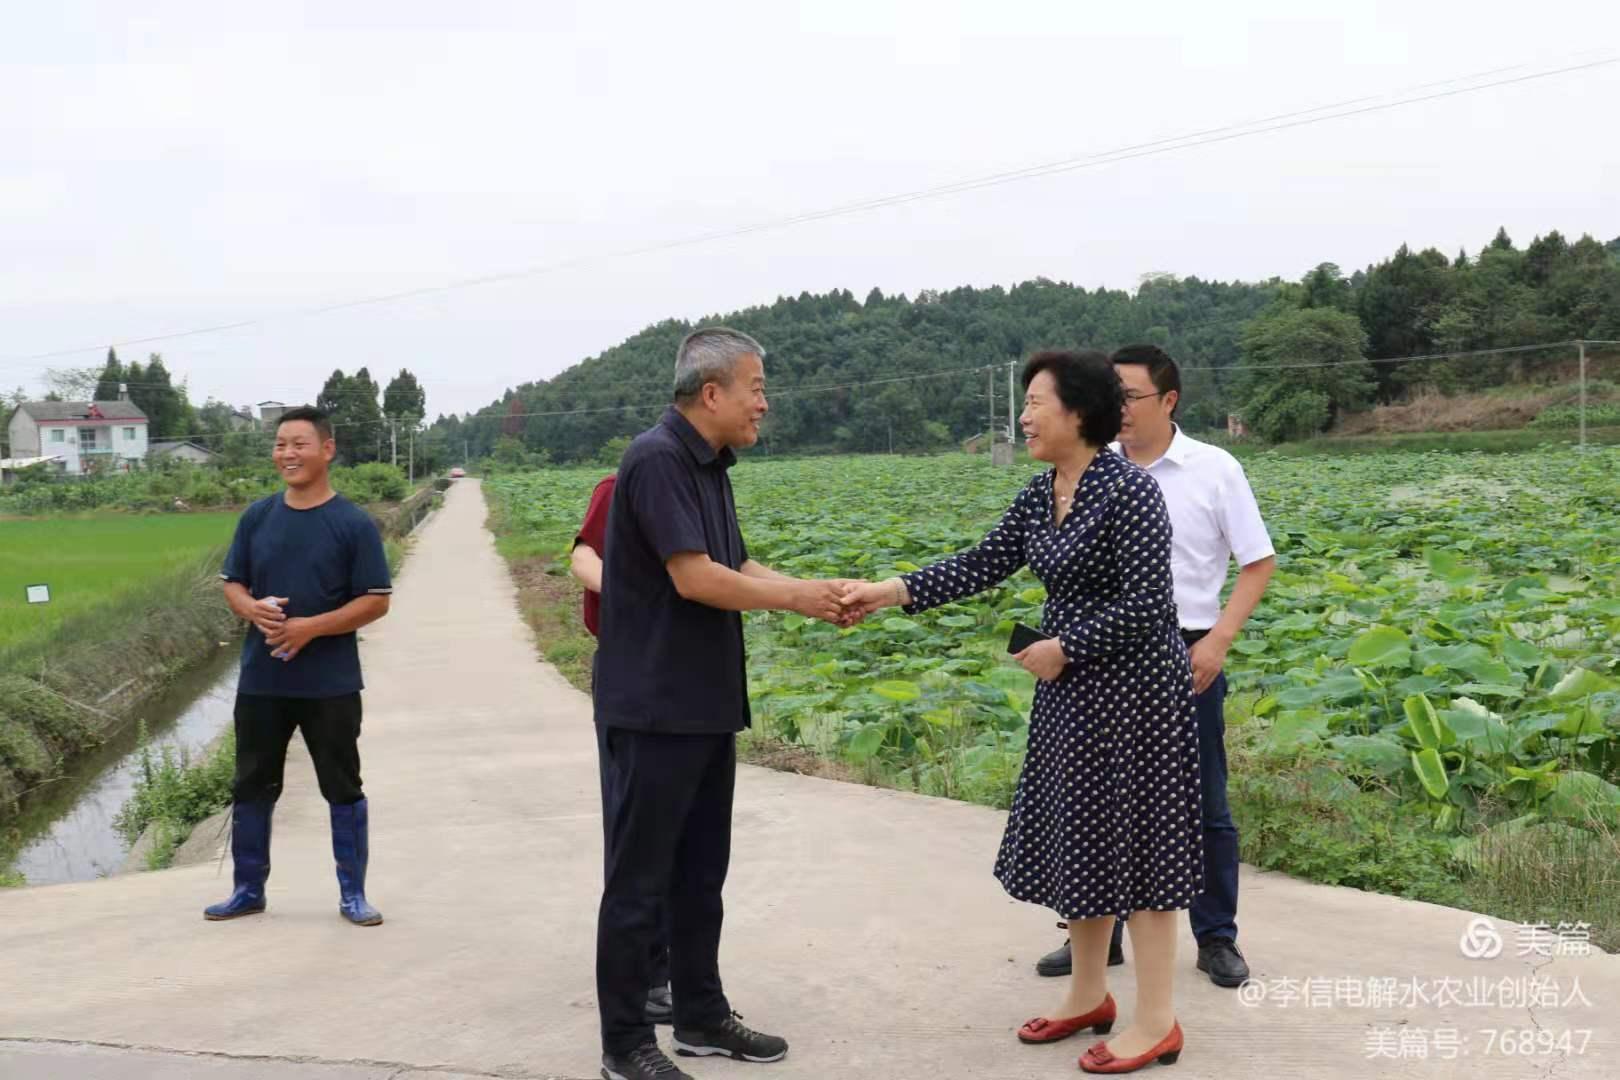 2021年6月18日,四川省原政协副主席、老科协领导和老专家到雄一电解水水稻种植基地考察调研